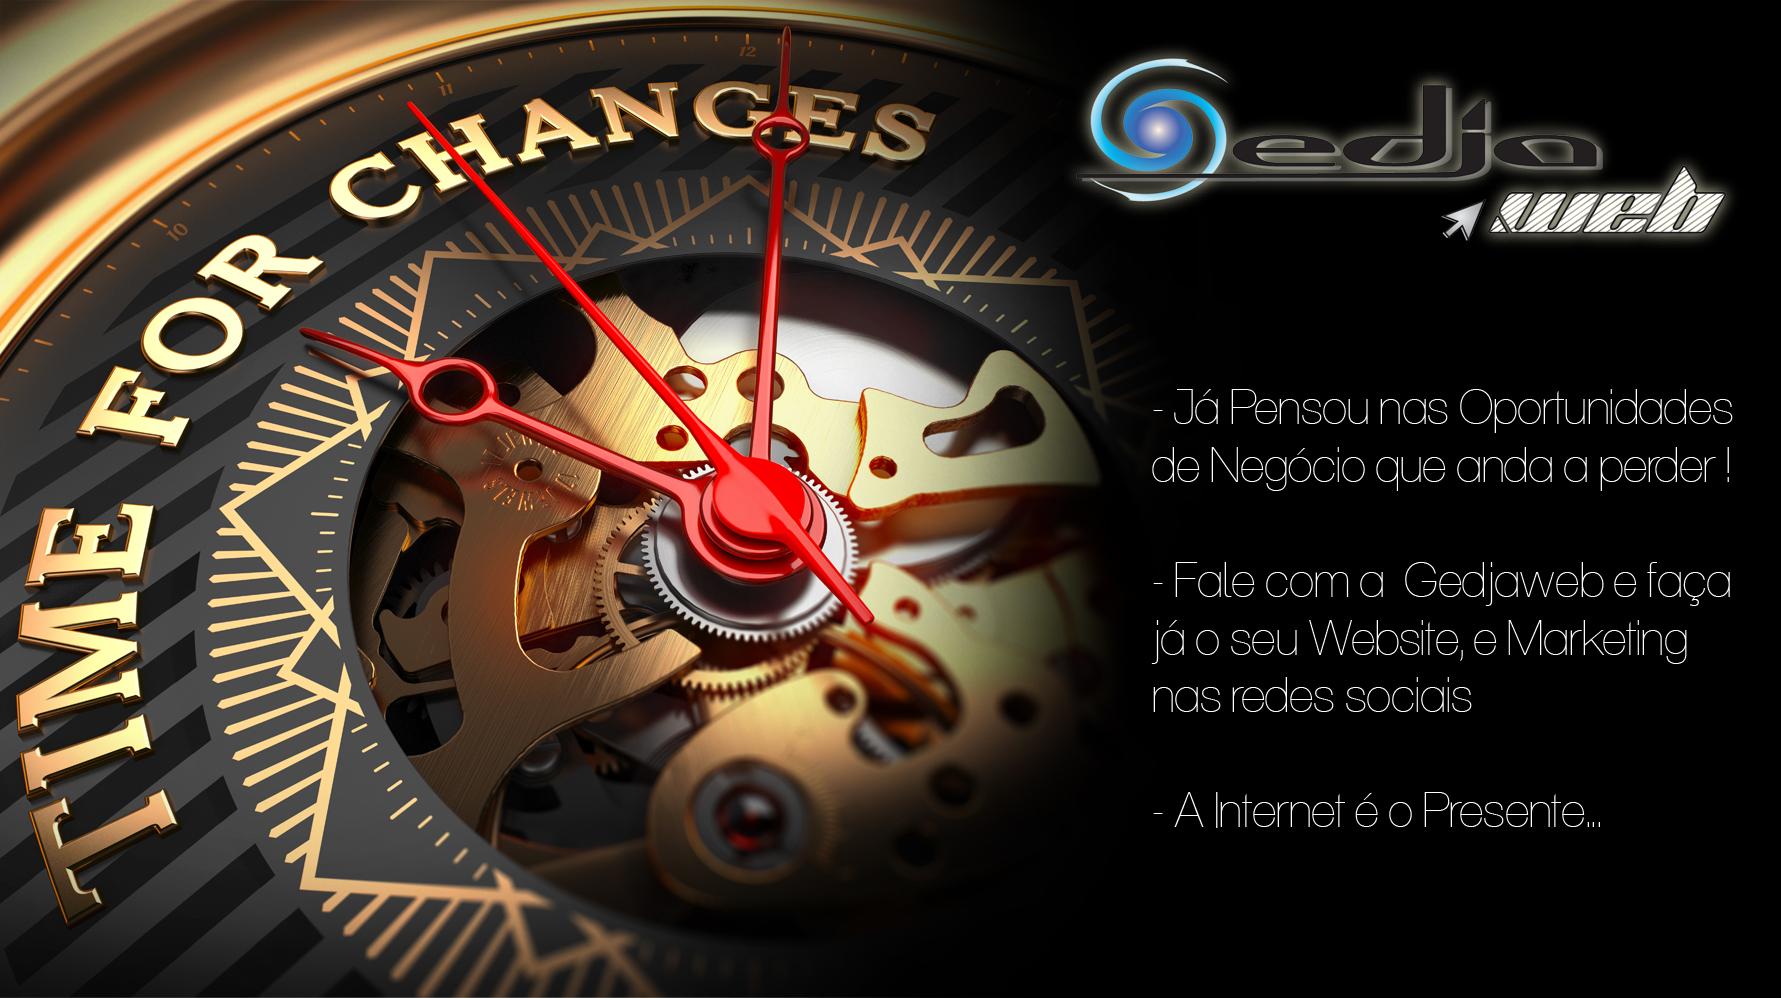 gedjaweb-hora-da-mudança